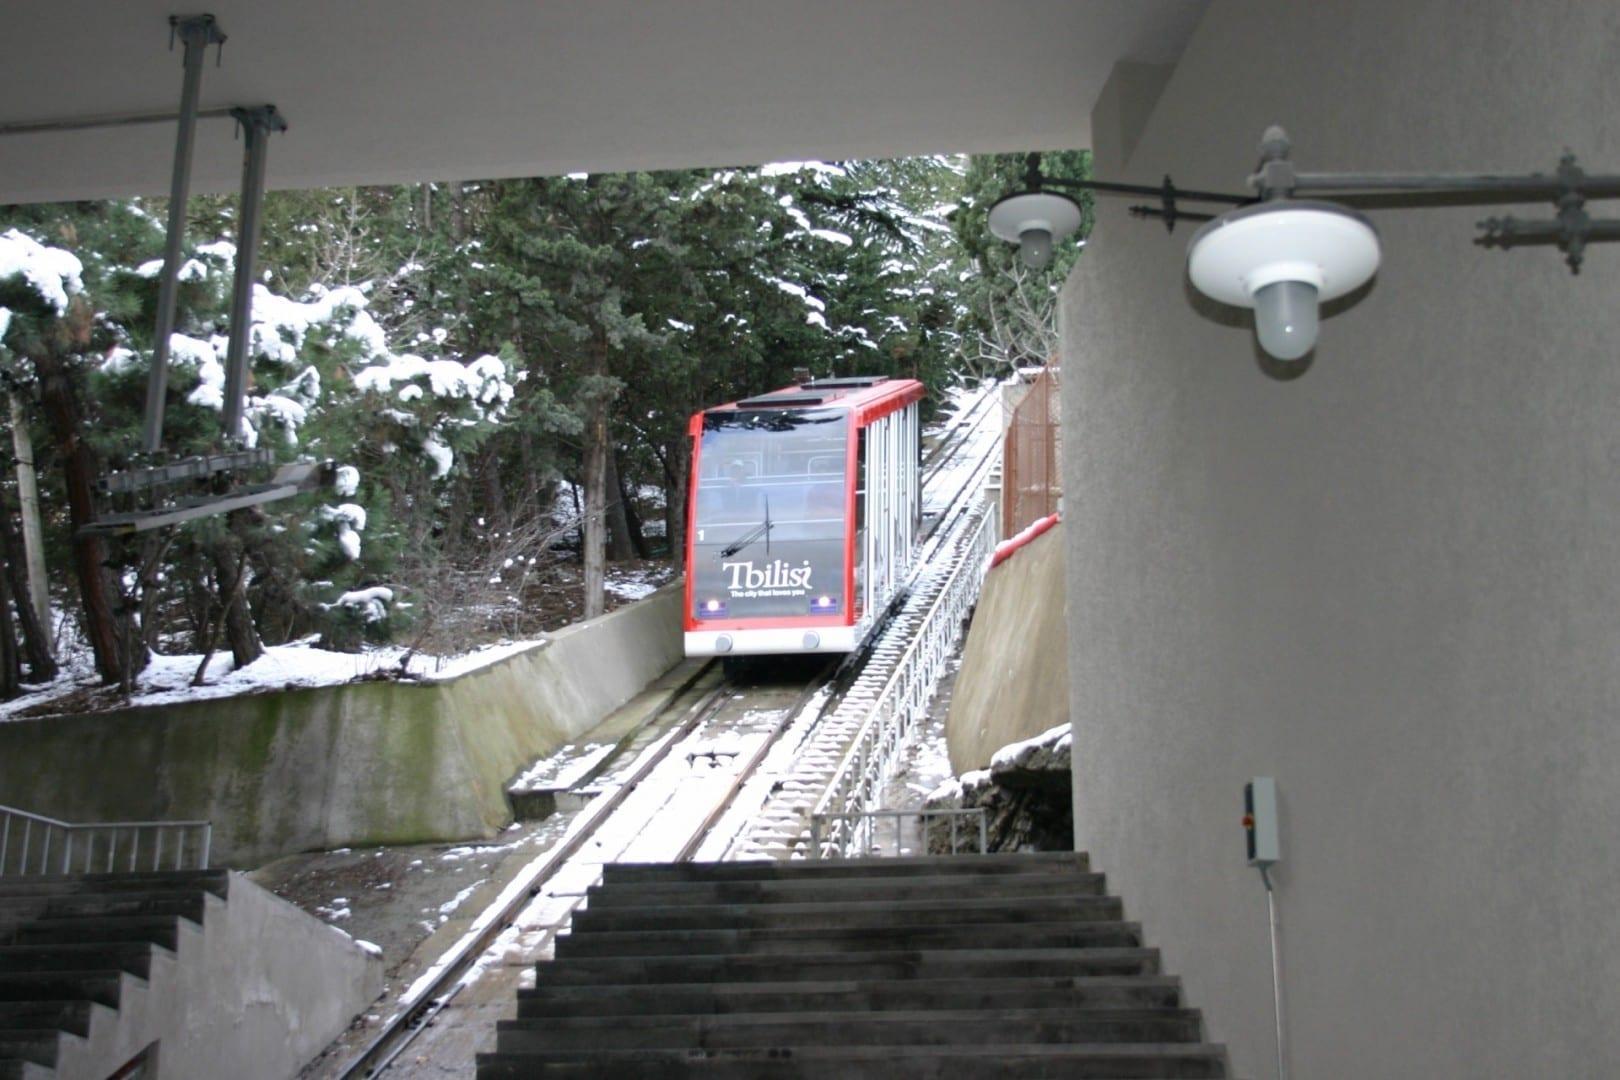 El Funicular reabrió en diciembre de 2012 Tiflis Georgia